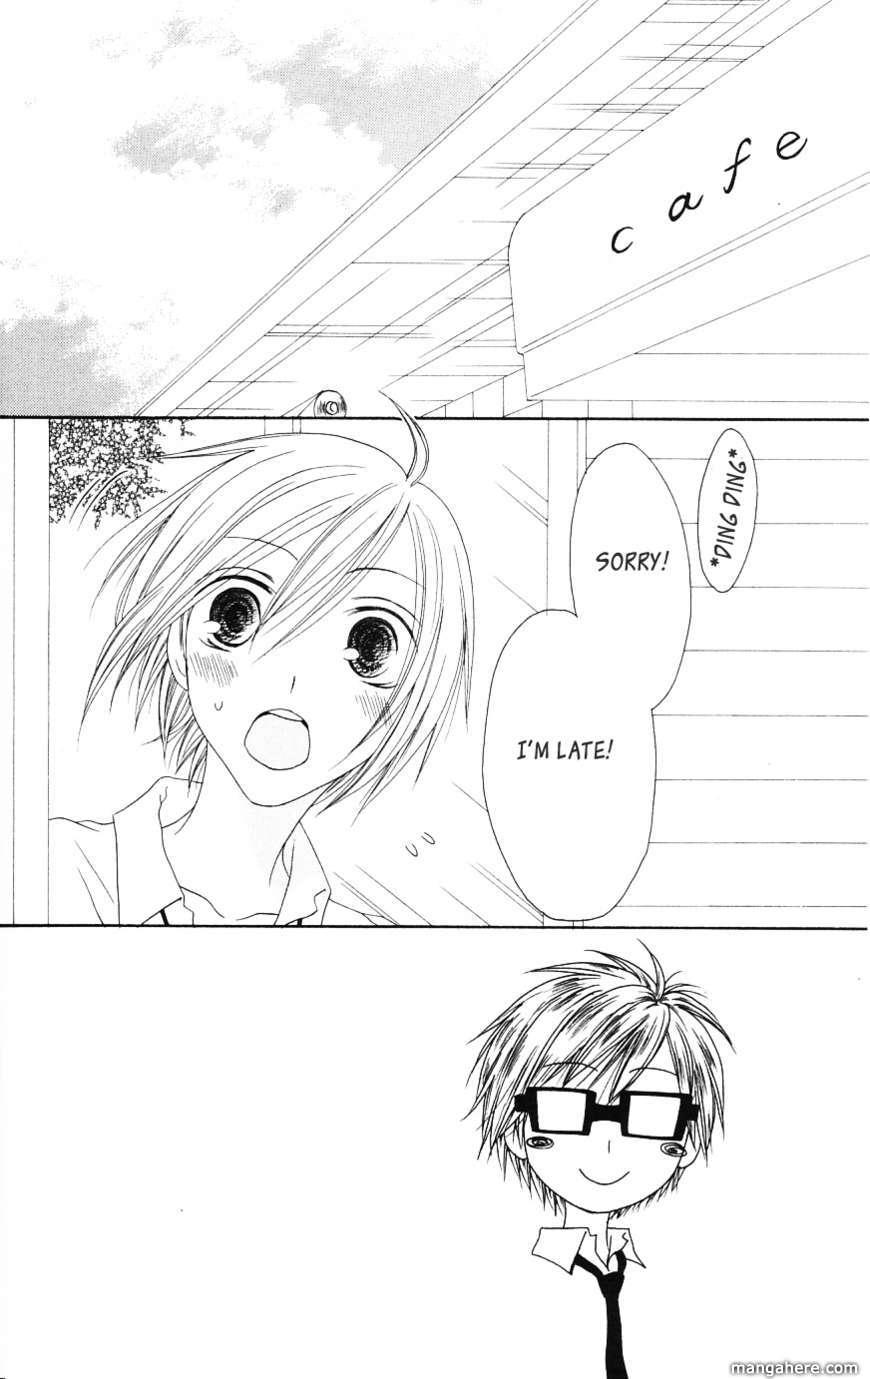 Shiawase Kissa Sanchoume 51 Page 2